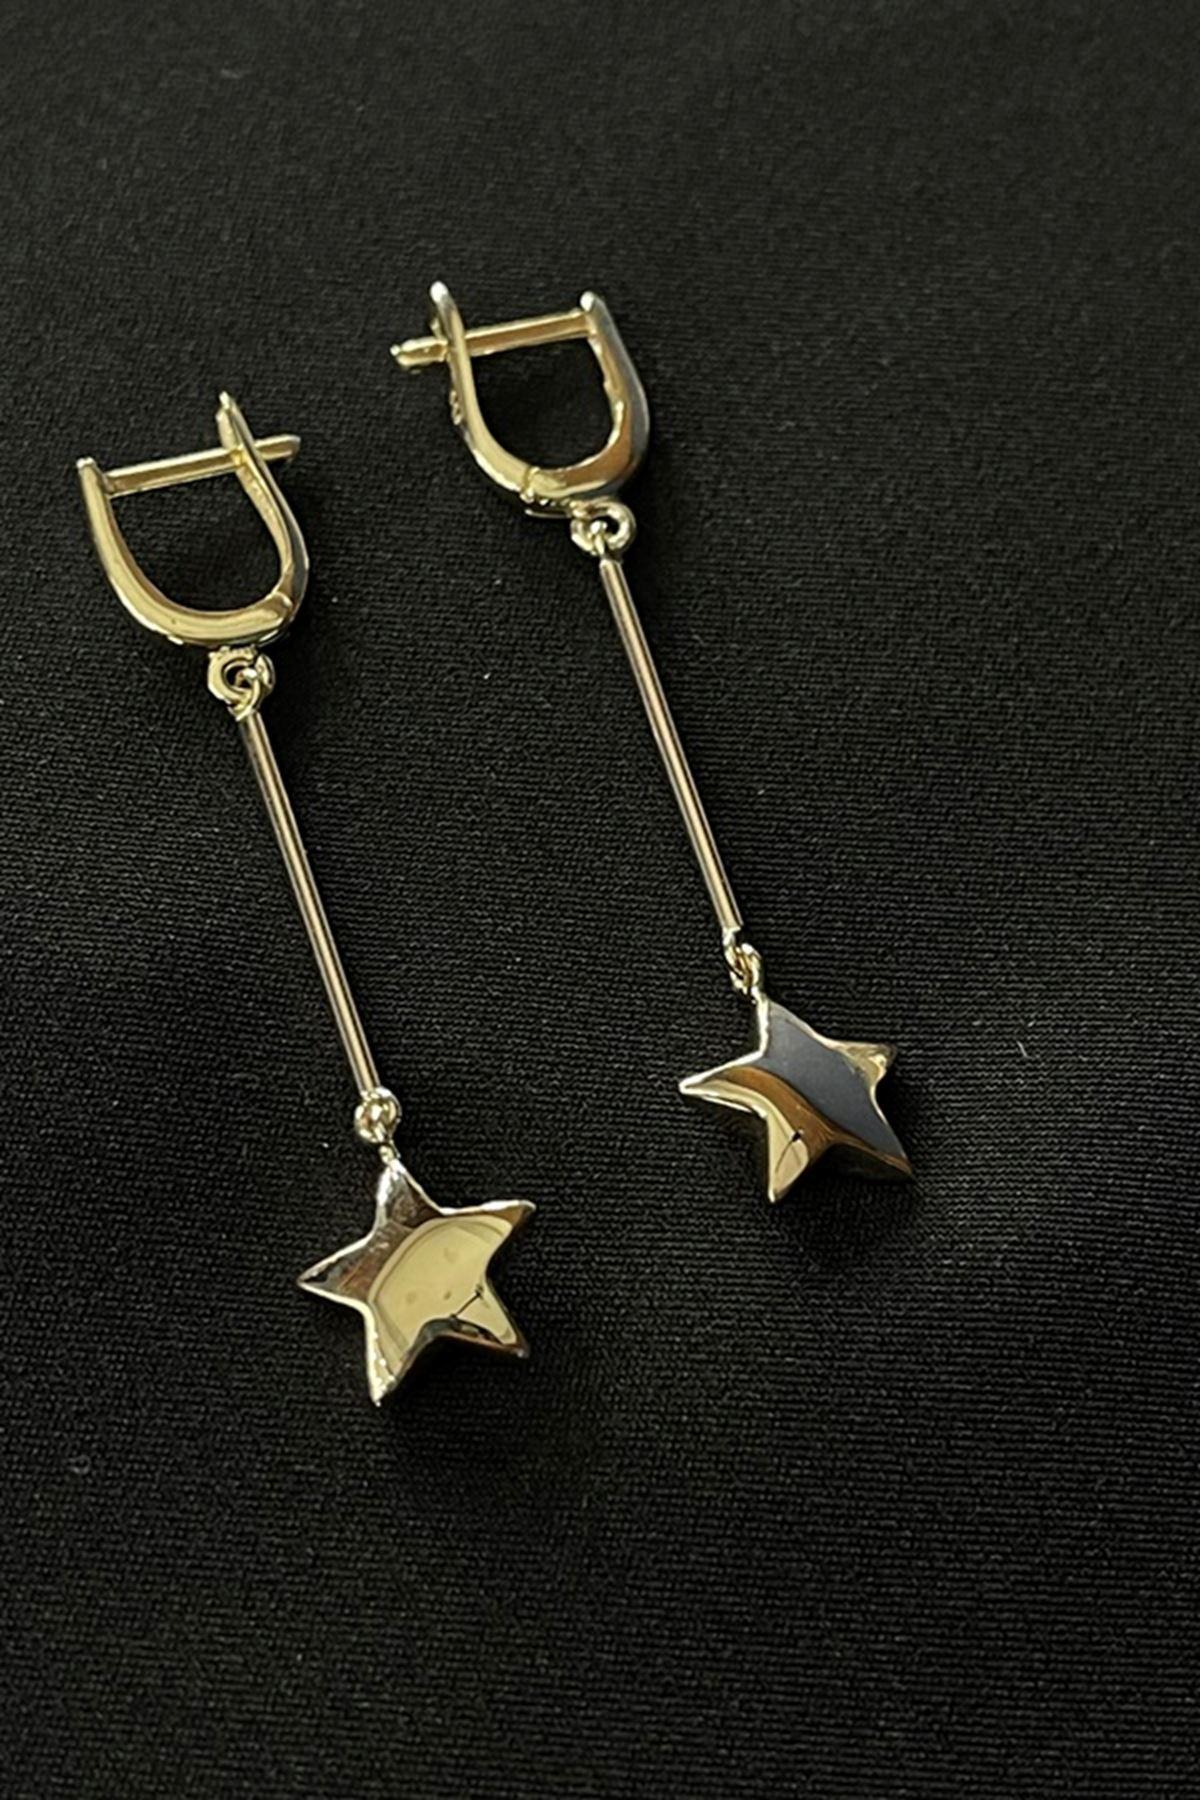 Yıldız Sallantılı Küpe KP0102